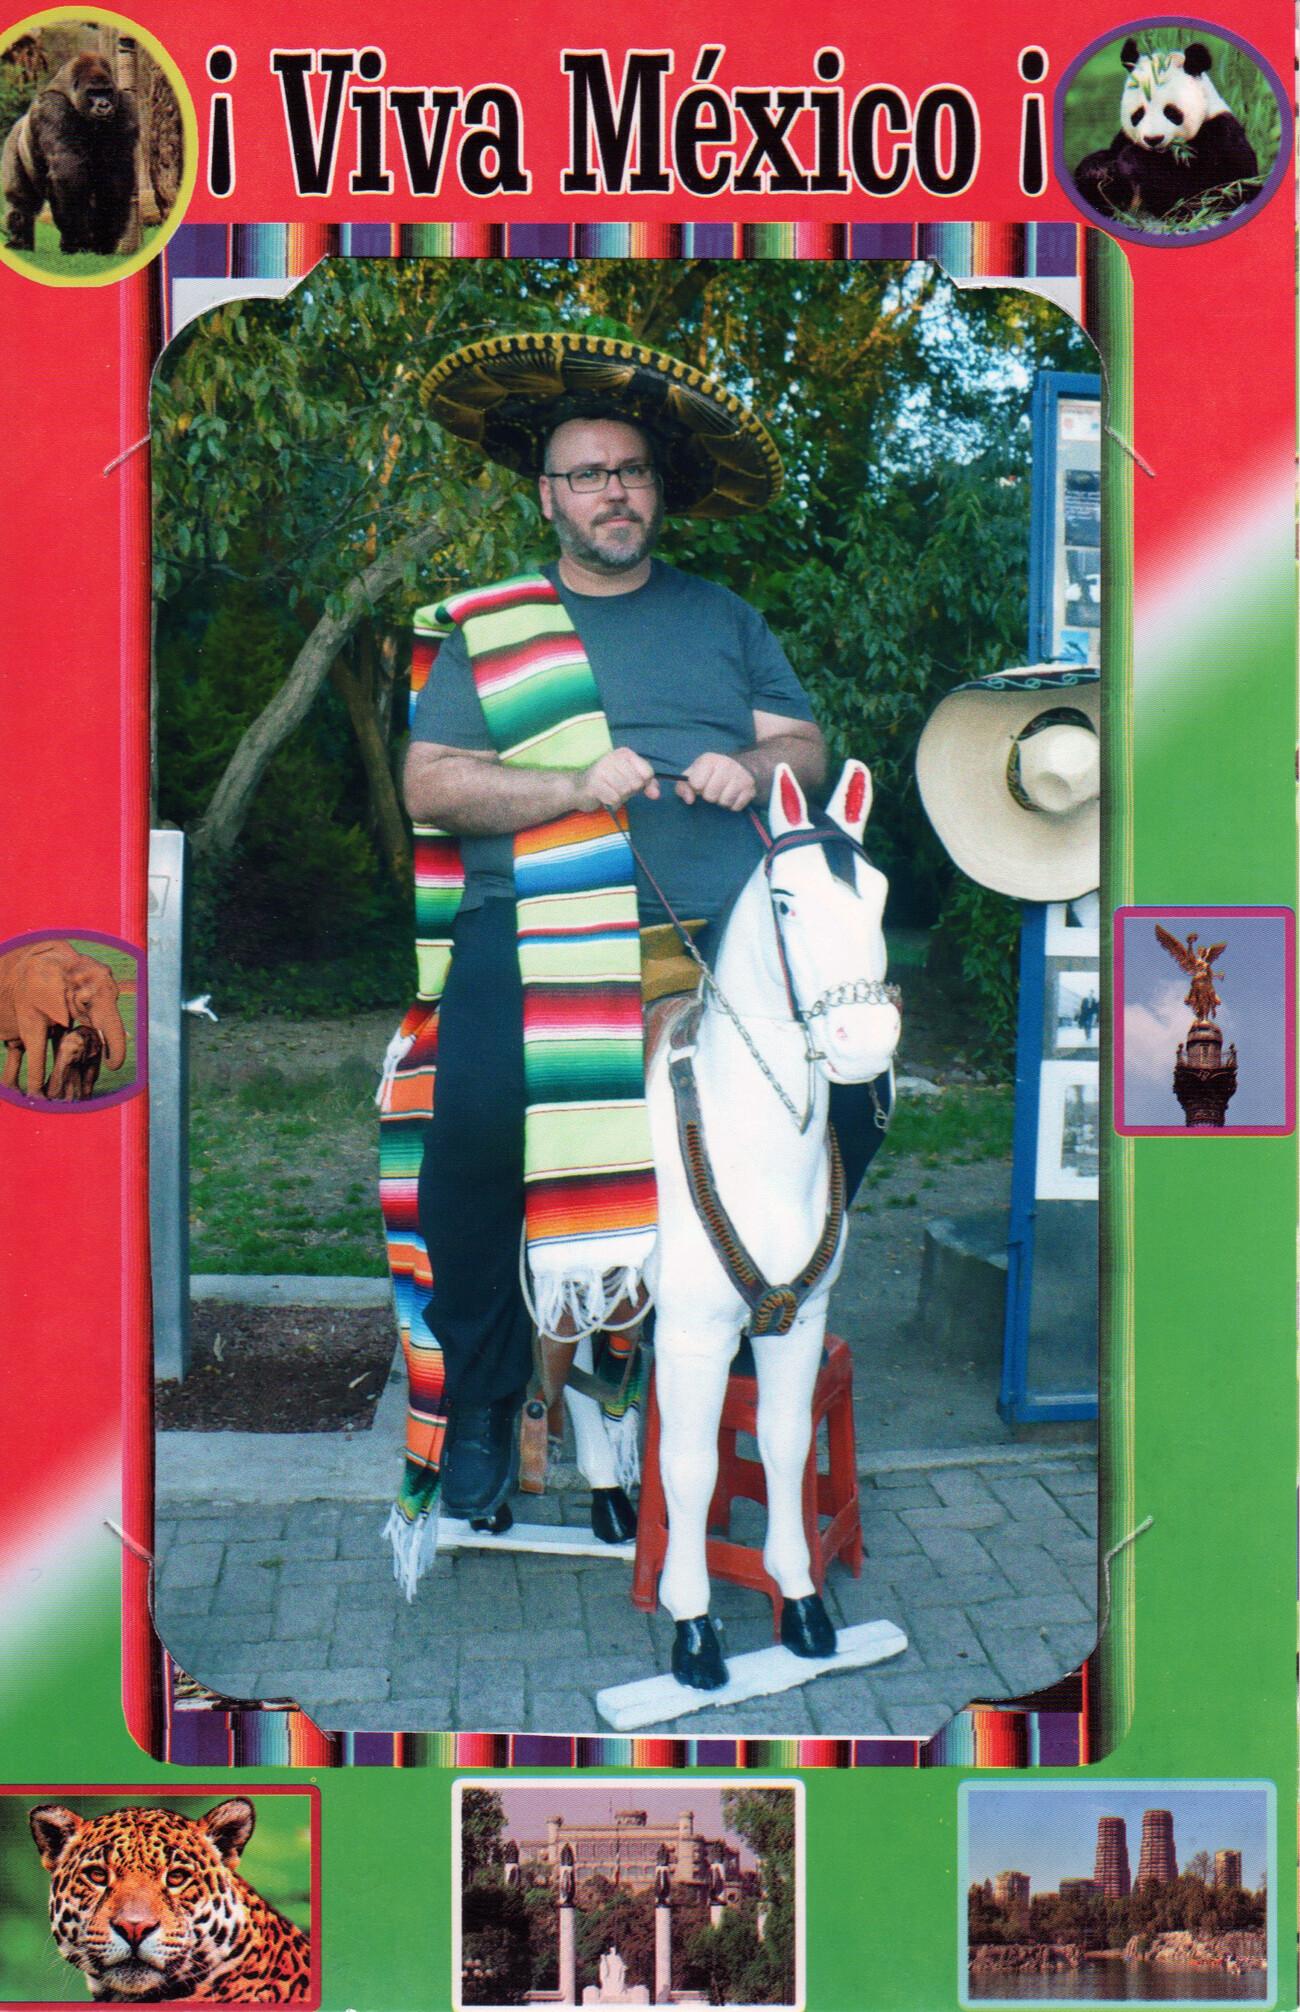 Steve Giasson. Performance invisible n° 156 (Faire tache). Performeur : Steve Giasson. Crédit photographique : Anonyme. Bosque de Chapultepec, Mexico. 5 novembre 2017.